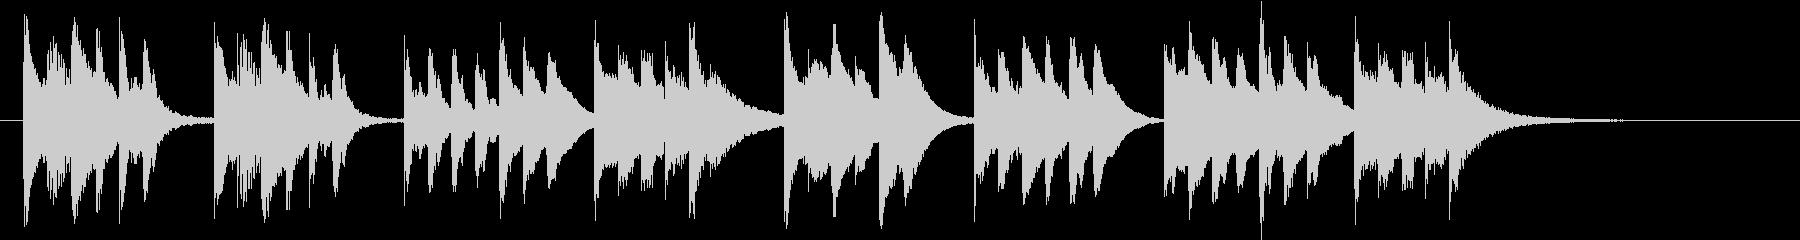 木琴が特徴のとても短いジングルの未再生の波形